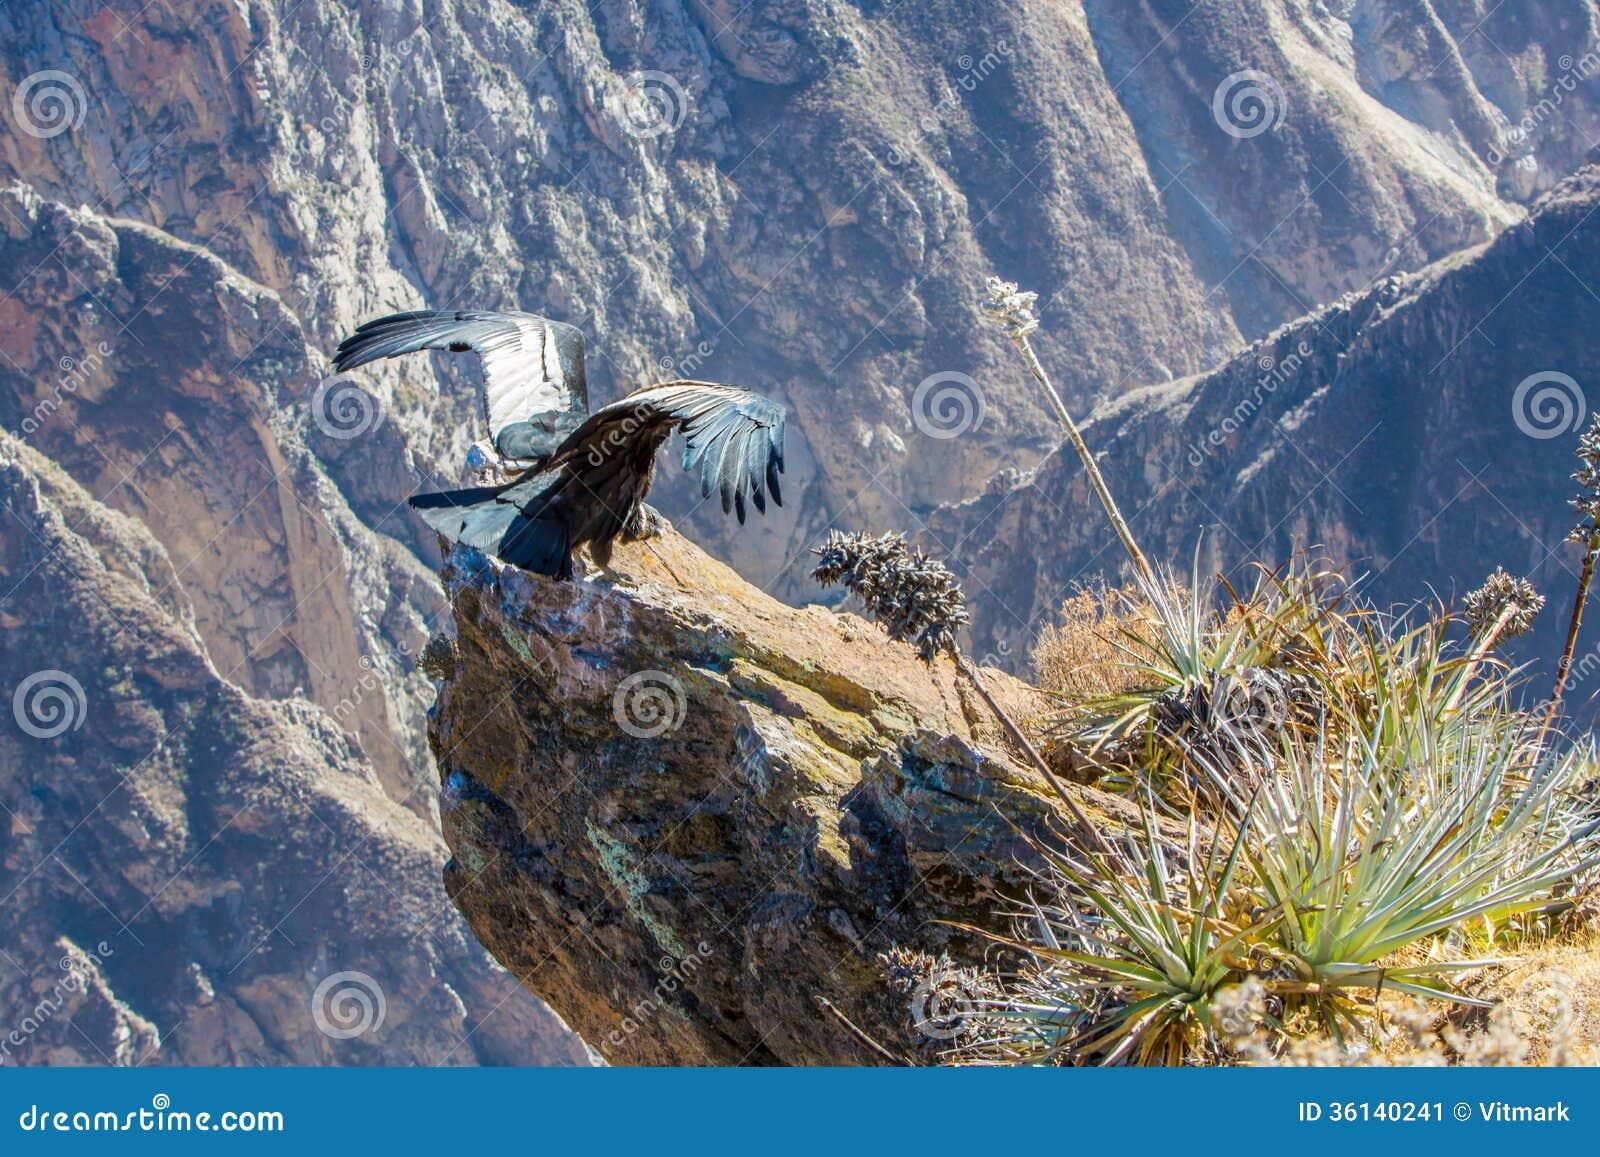 Kondor am Colca-Schluchtsitzen, Peru, Südamerika. Dieses ist ein Kondor der größte Fliegenvogel